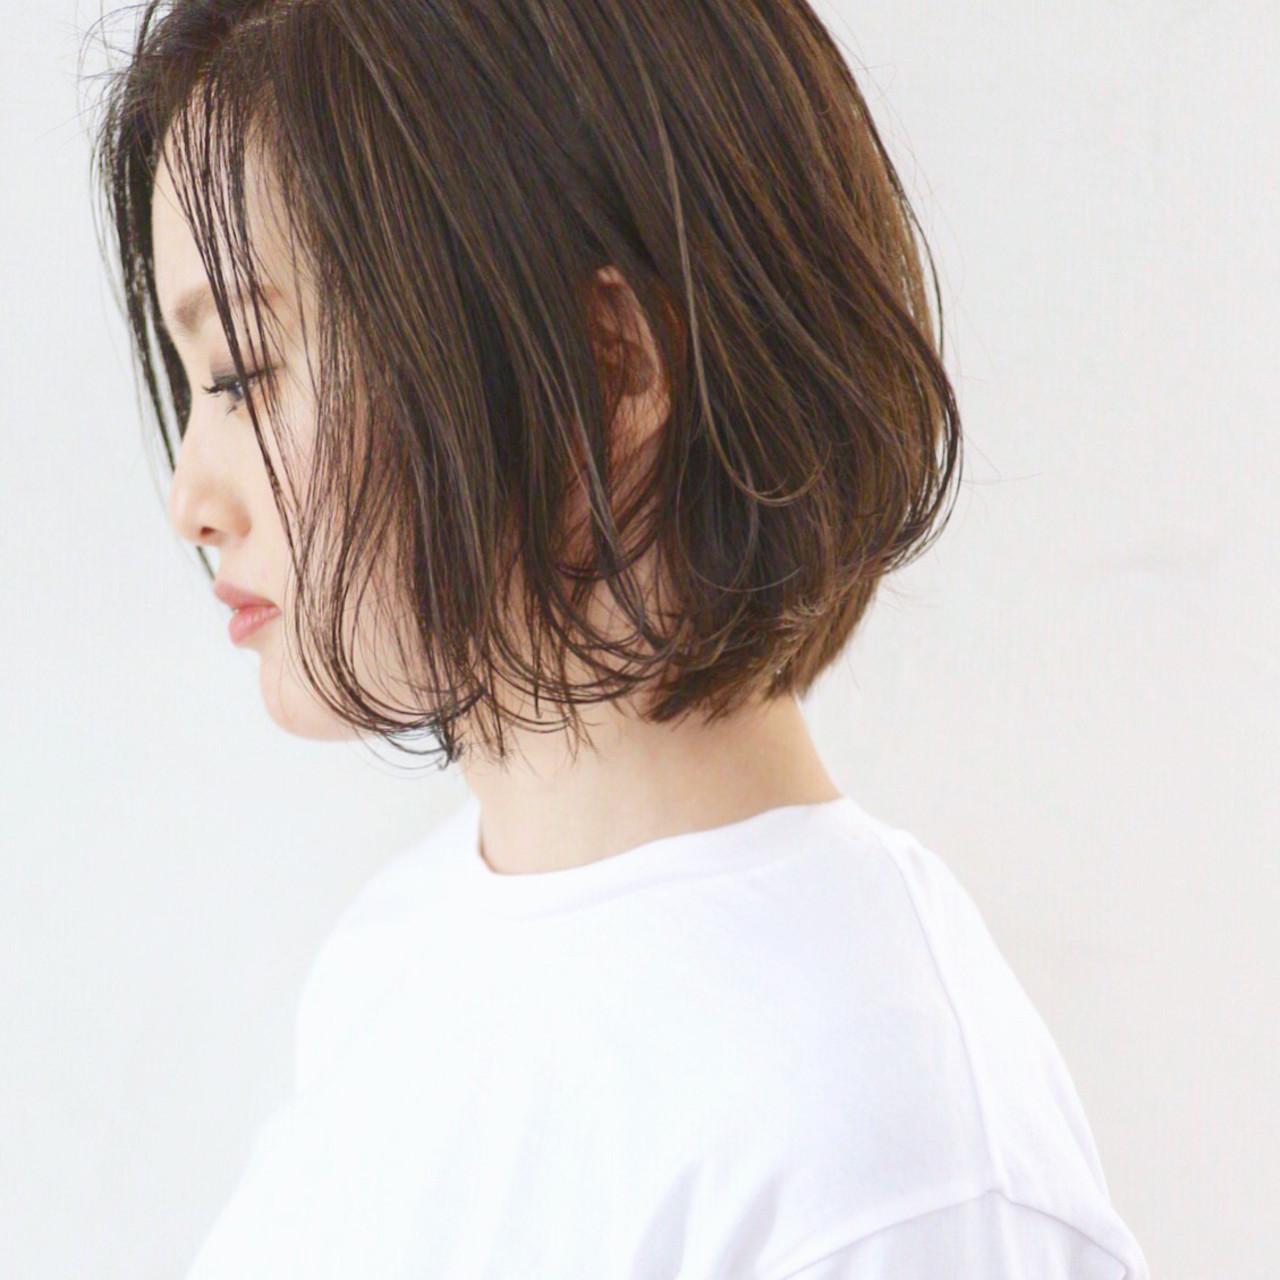 ローライト アンニュイほつれヘア 外国人風カラー ボブ ヘアスタイルや髪型の写真・画像